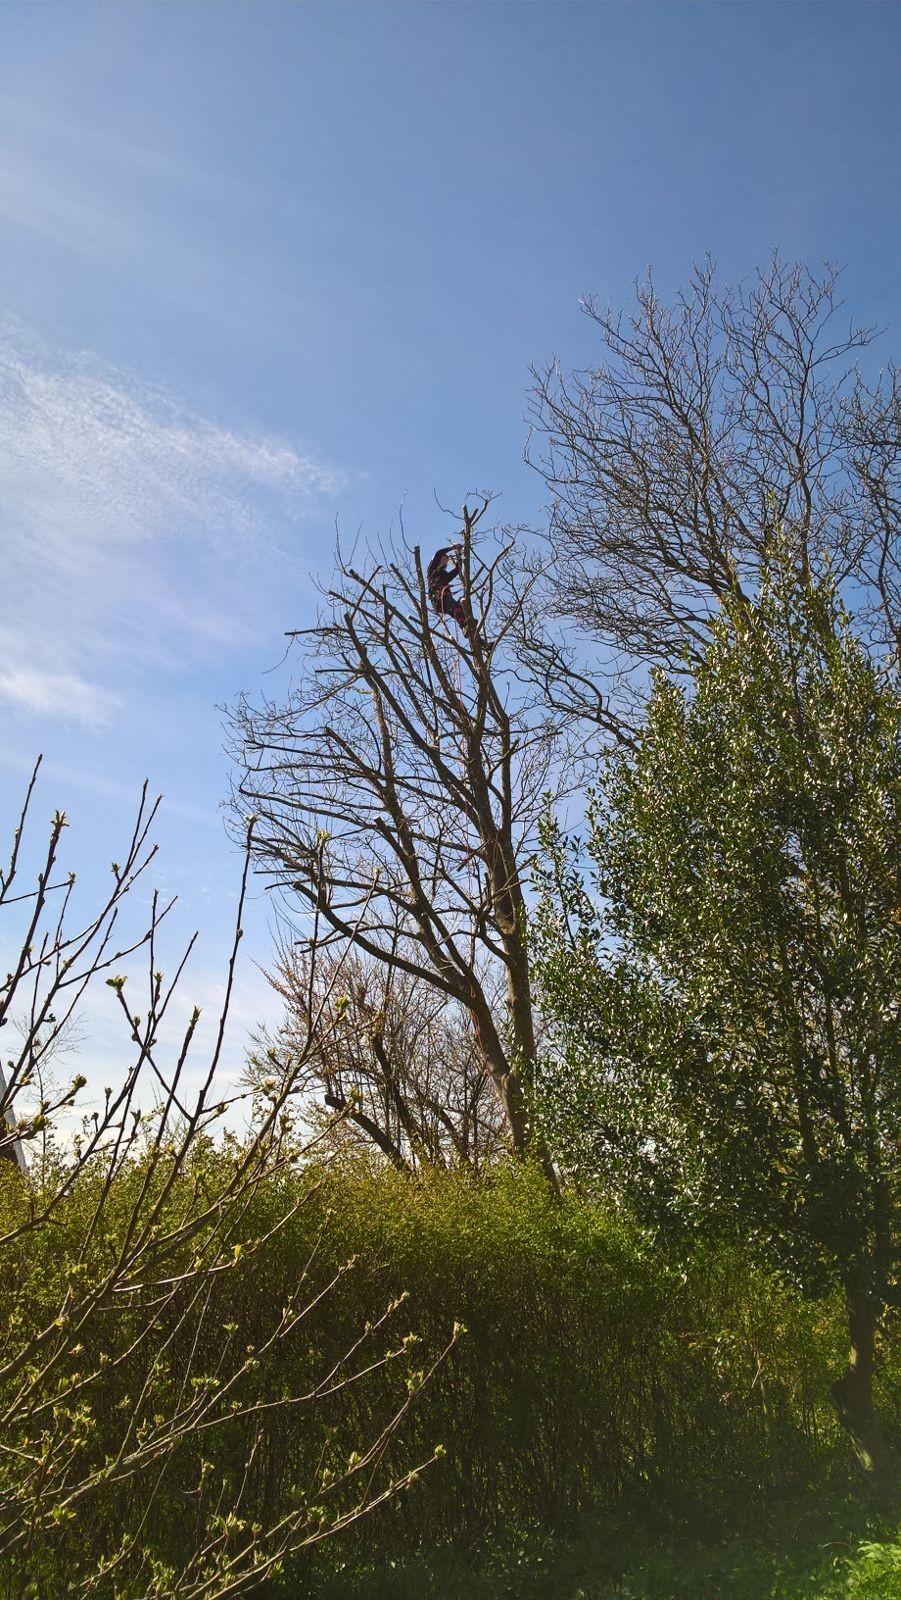 Billede af en træbeskæring i en skov.